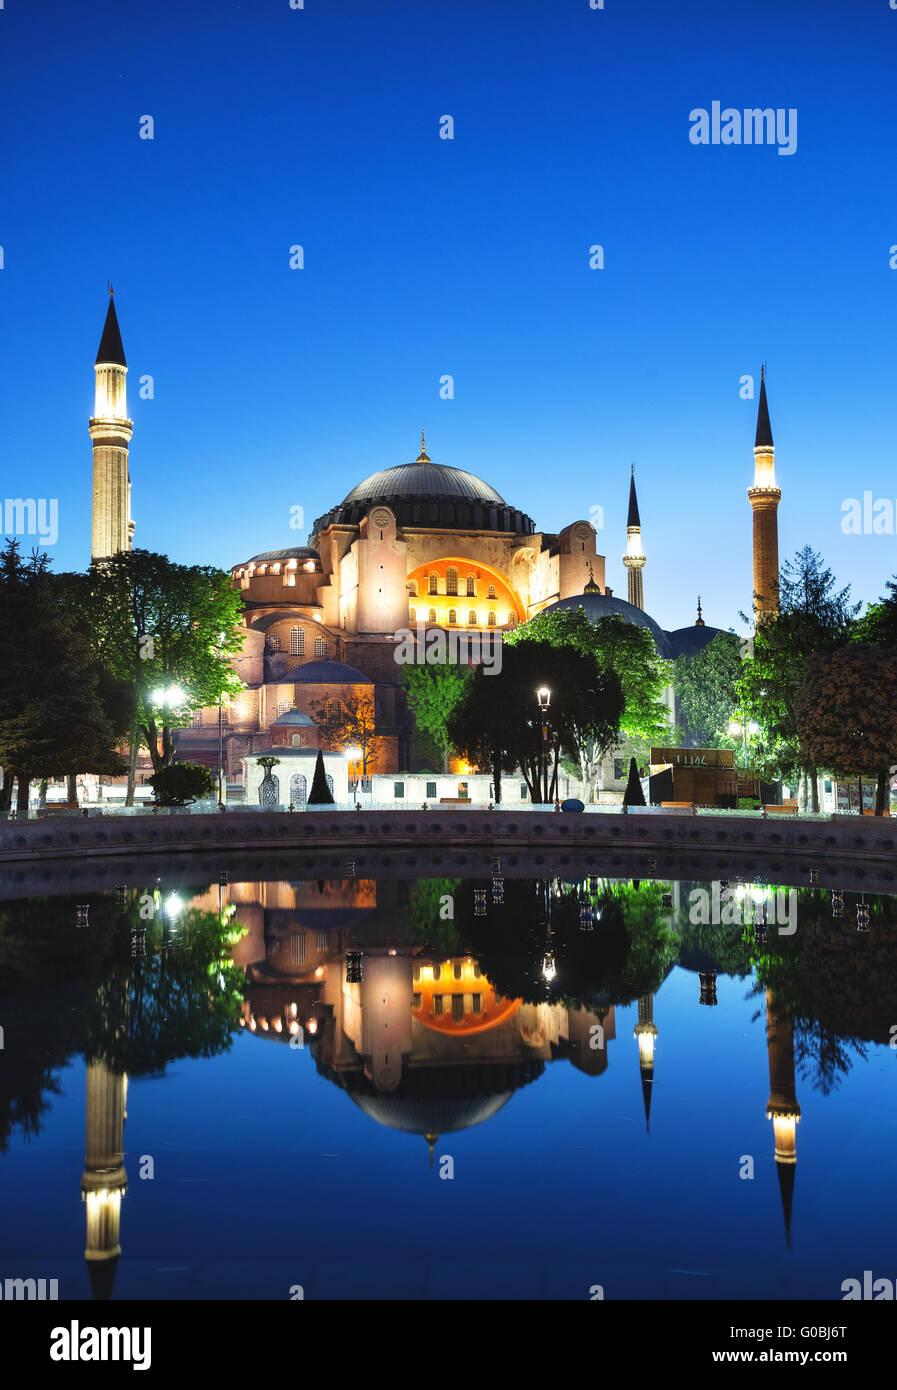 Hagia Sophia mezquita en la noche. Estambul, Turquía. Imagen De Stock